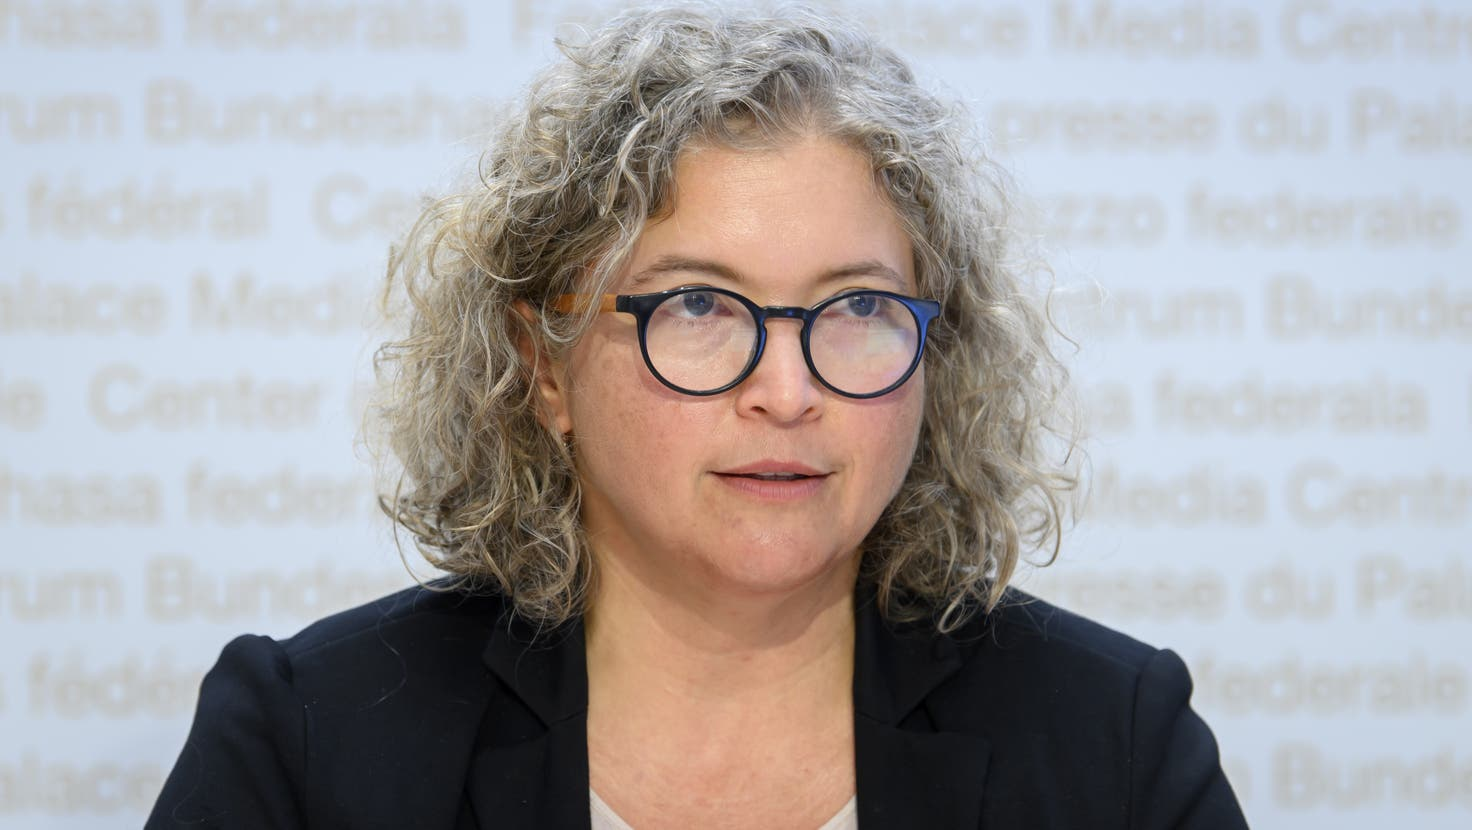 Samia Hurst, Vizepräsidentin der Covid-19 Science Task Force und Bioethikerin an der Uni Genf, spricht am Point de Presse in Bern zu Covid 19. (Anthony Anex / KEYSTONE)